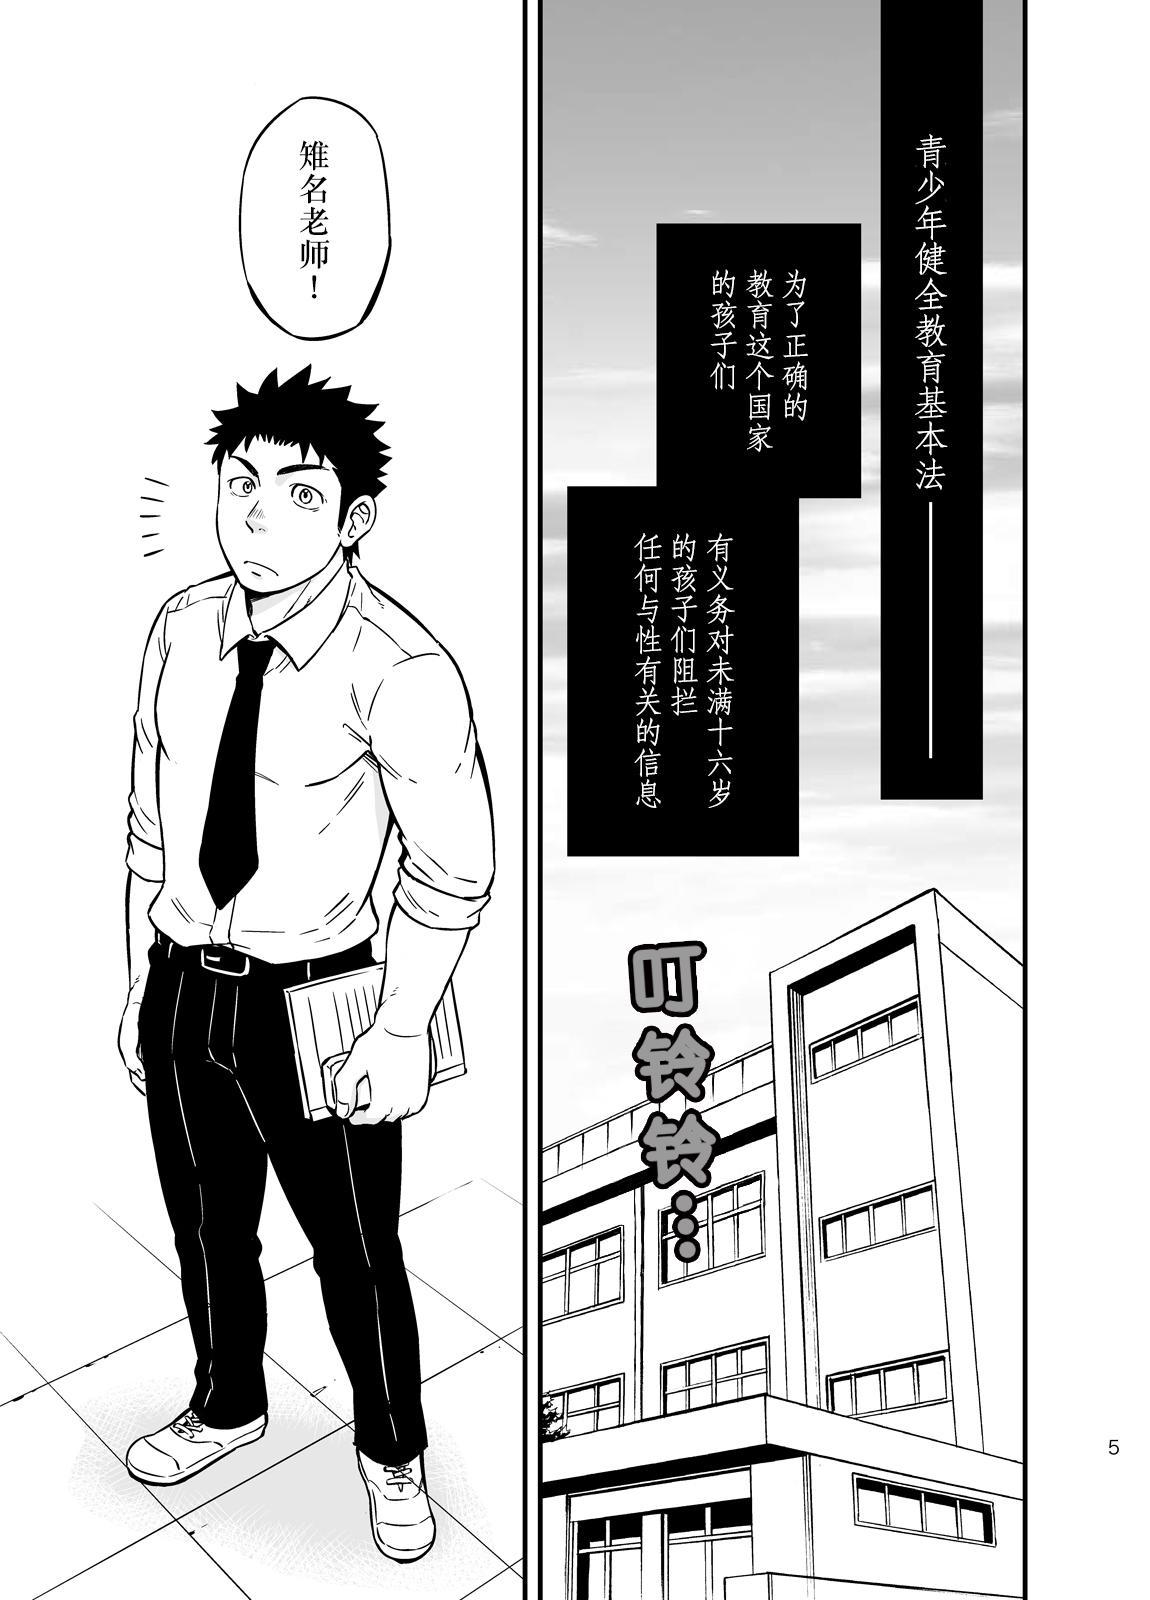 Moshimo Danshikou no Hoken Taiiku ga Jitsugi Ari Dattara 2 | 如果男校的保健体育课有实践环节的话 2 3